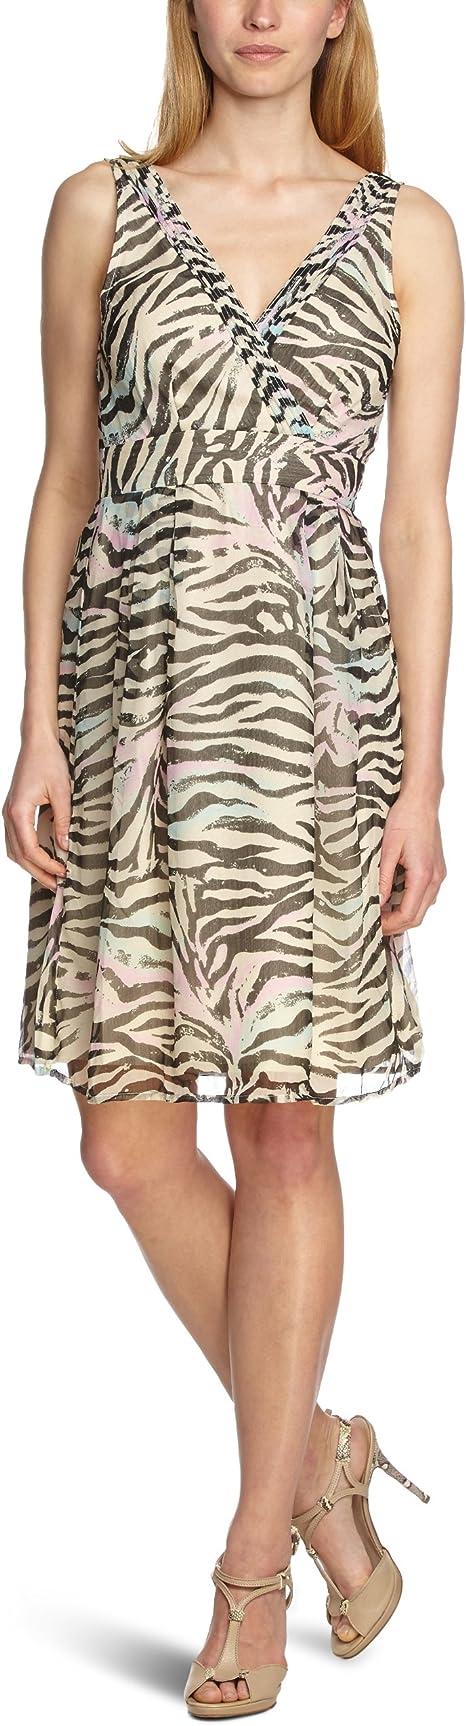 VERO MODA Damen Kleid  Amazon.de Fashion